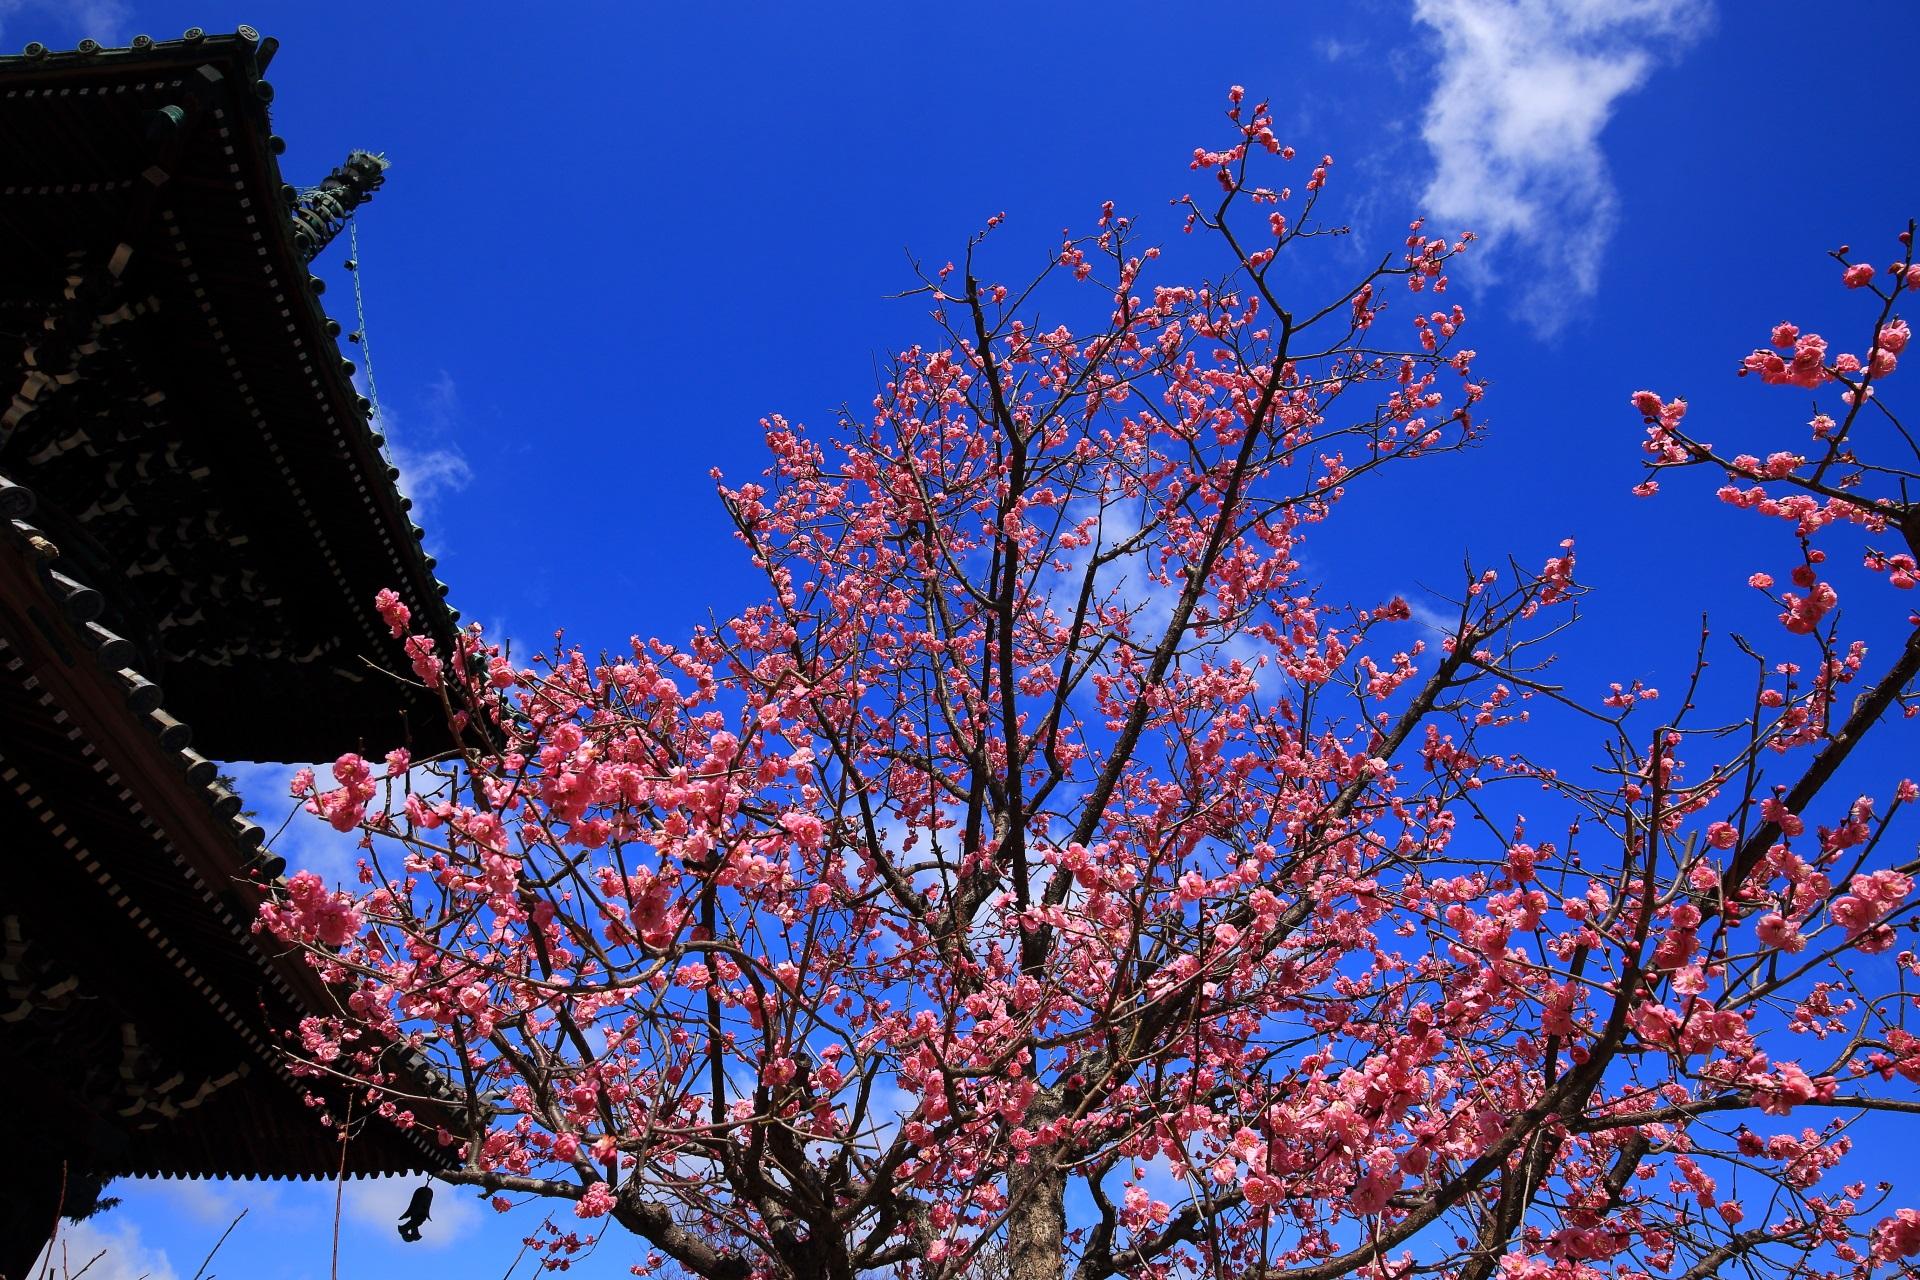 多宝塔と青空をピンクに彩る満開の梅の花